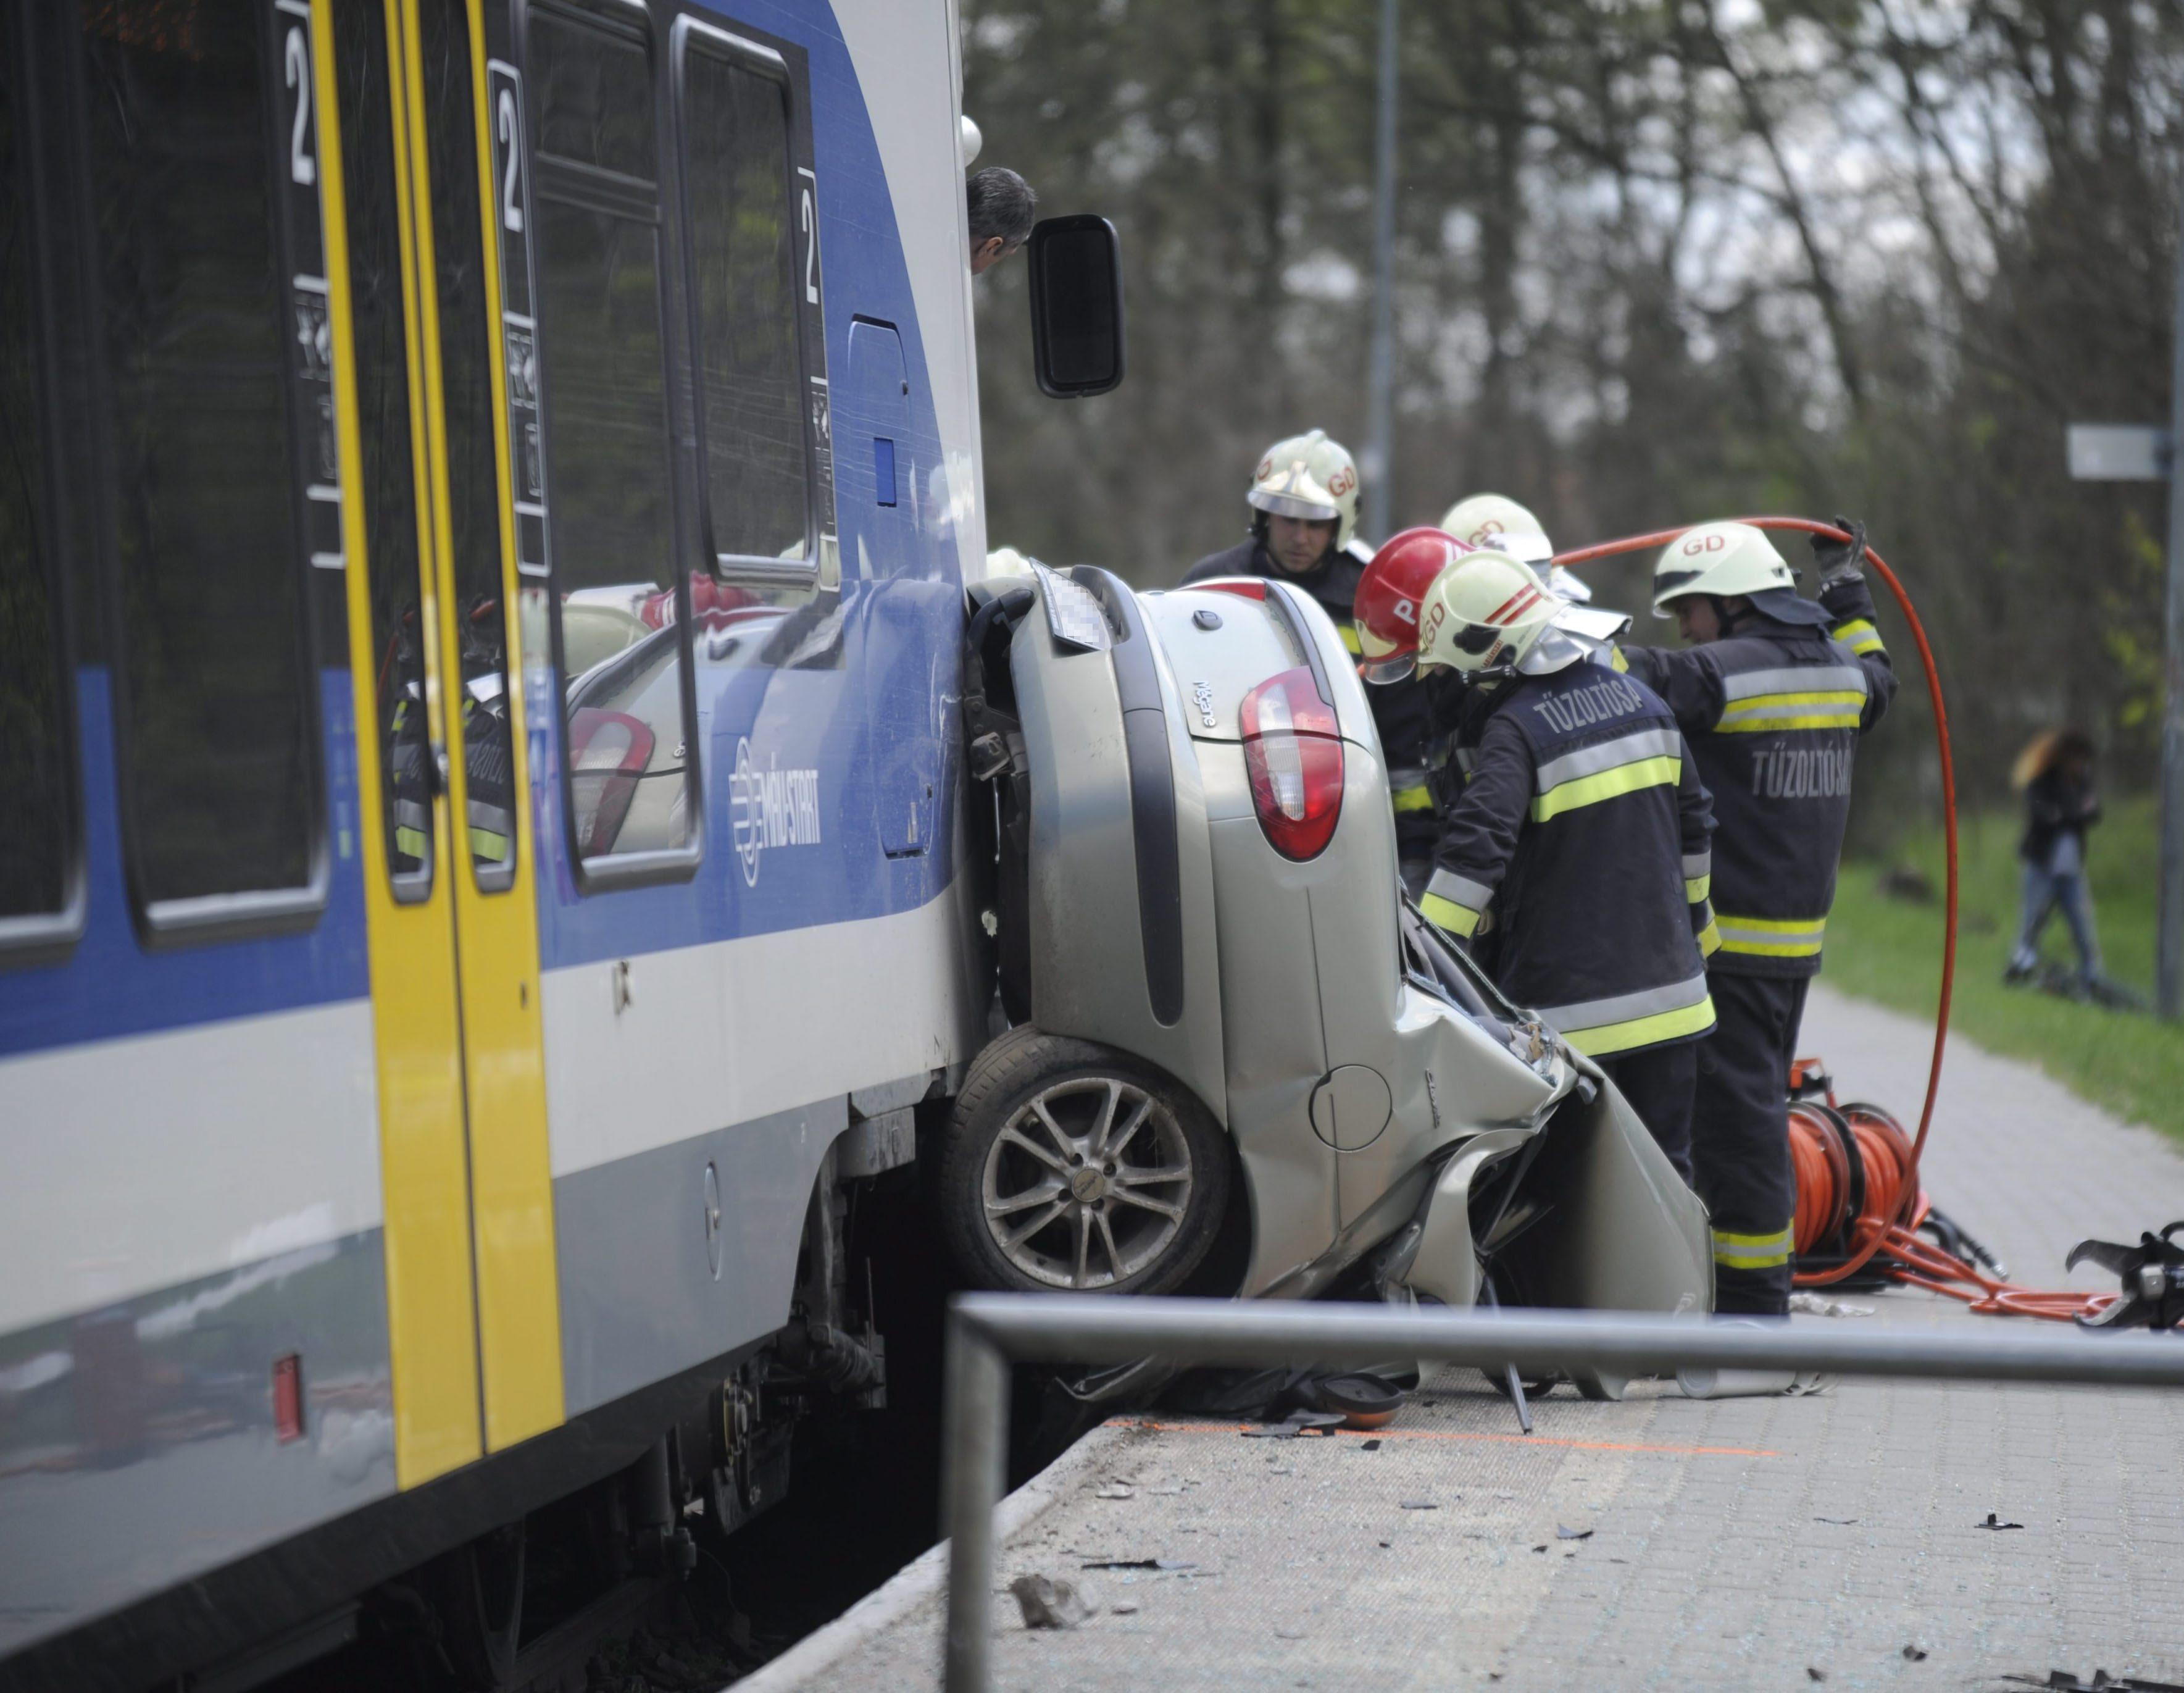 Veresegyház, 2016. május 16. Tûzoltók egy vasúti átjárónál Vicziántelepen, ahol személyautó ütközött egy Vácról Budapestre tartó vonattal 2016. május 16-án. A balesetben egy ember megsérült. MTI Fotó: Mihádák Zoltán